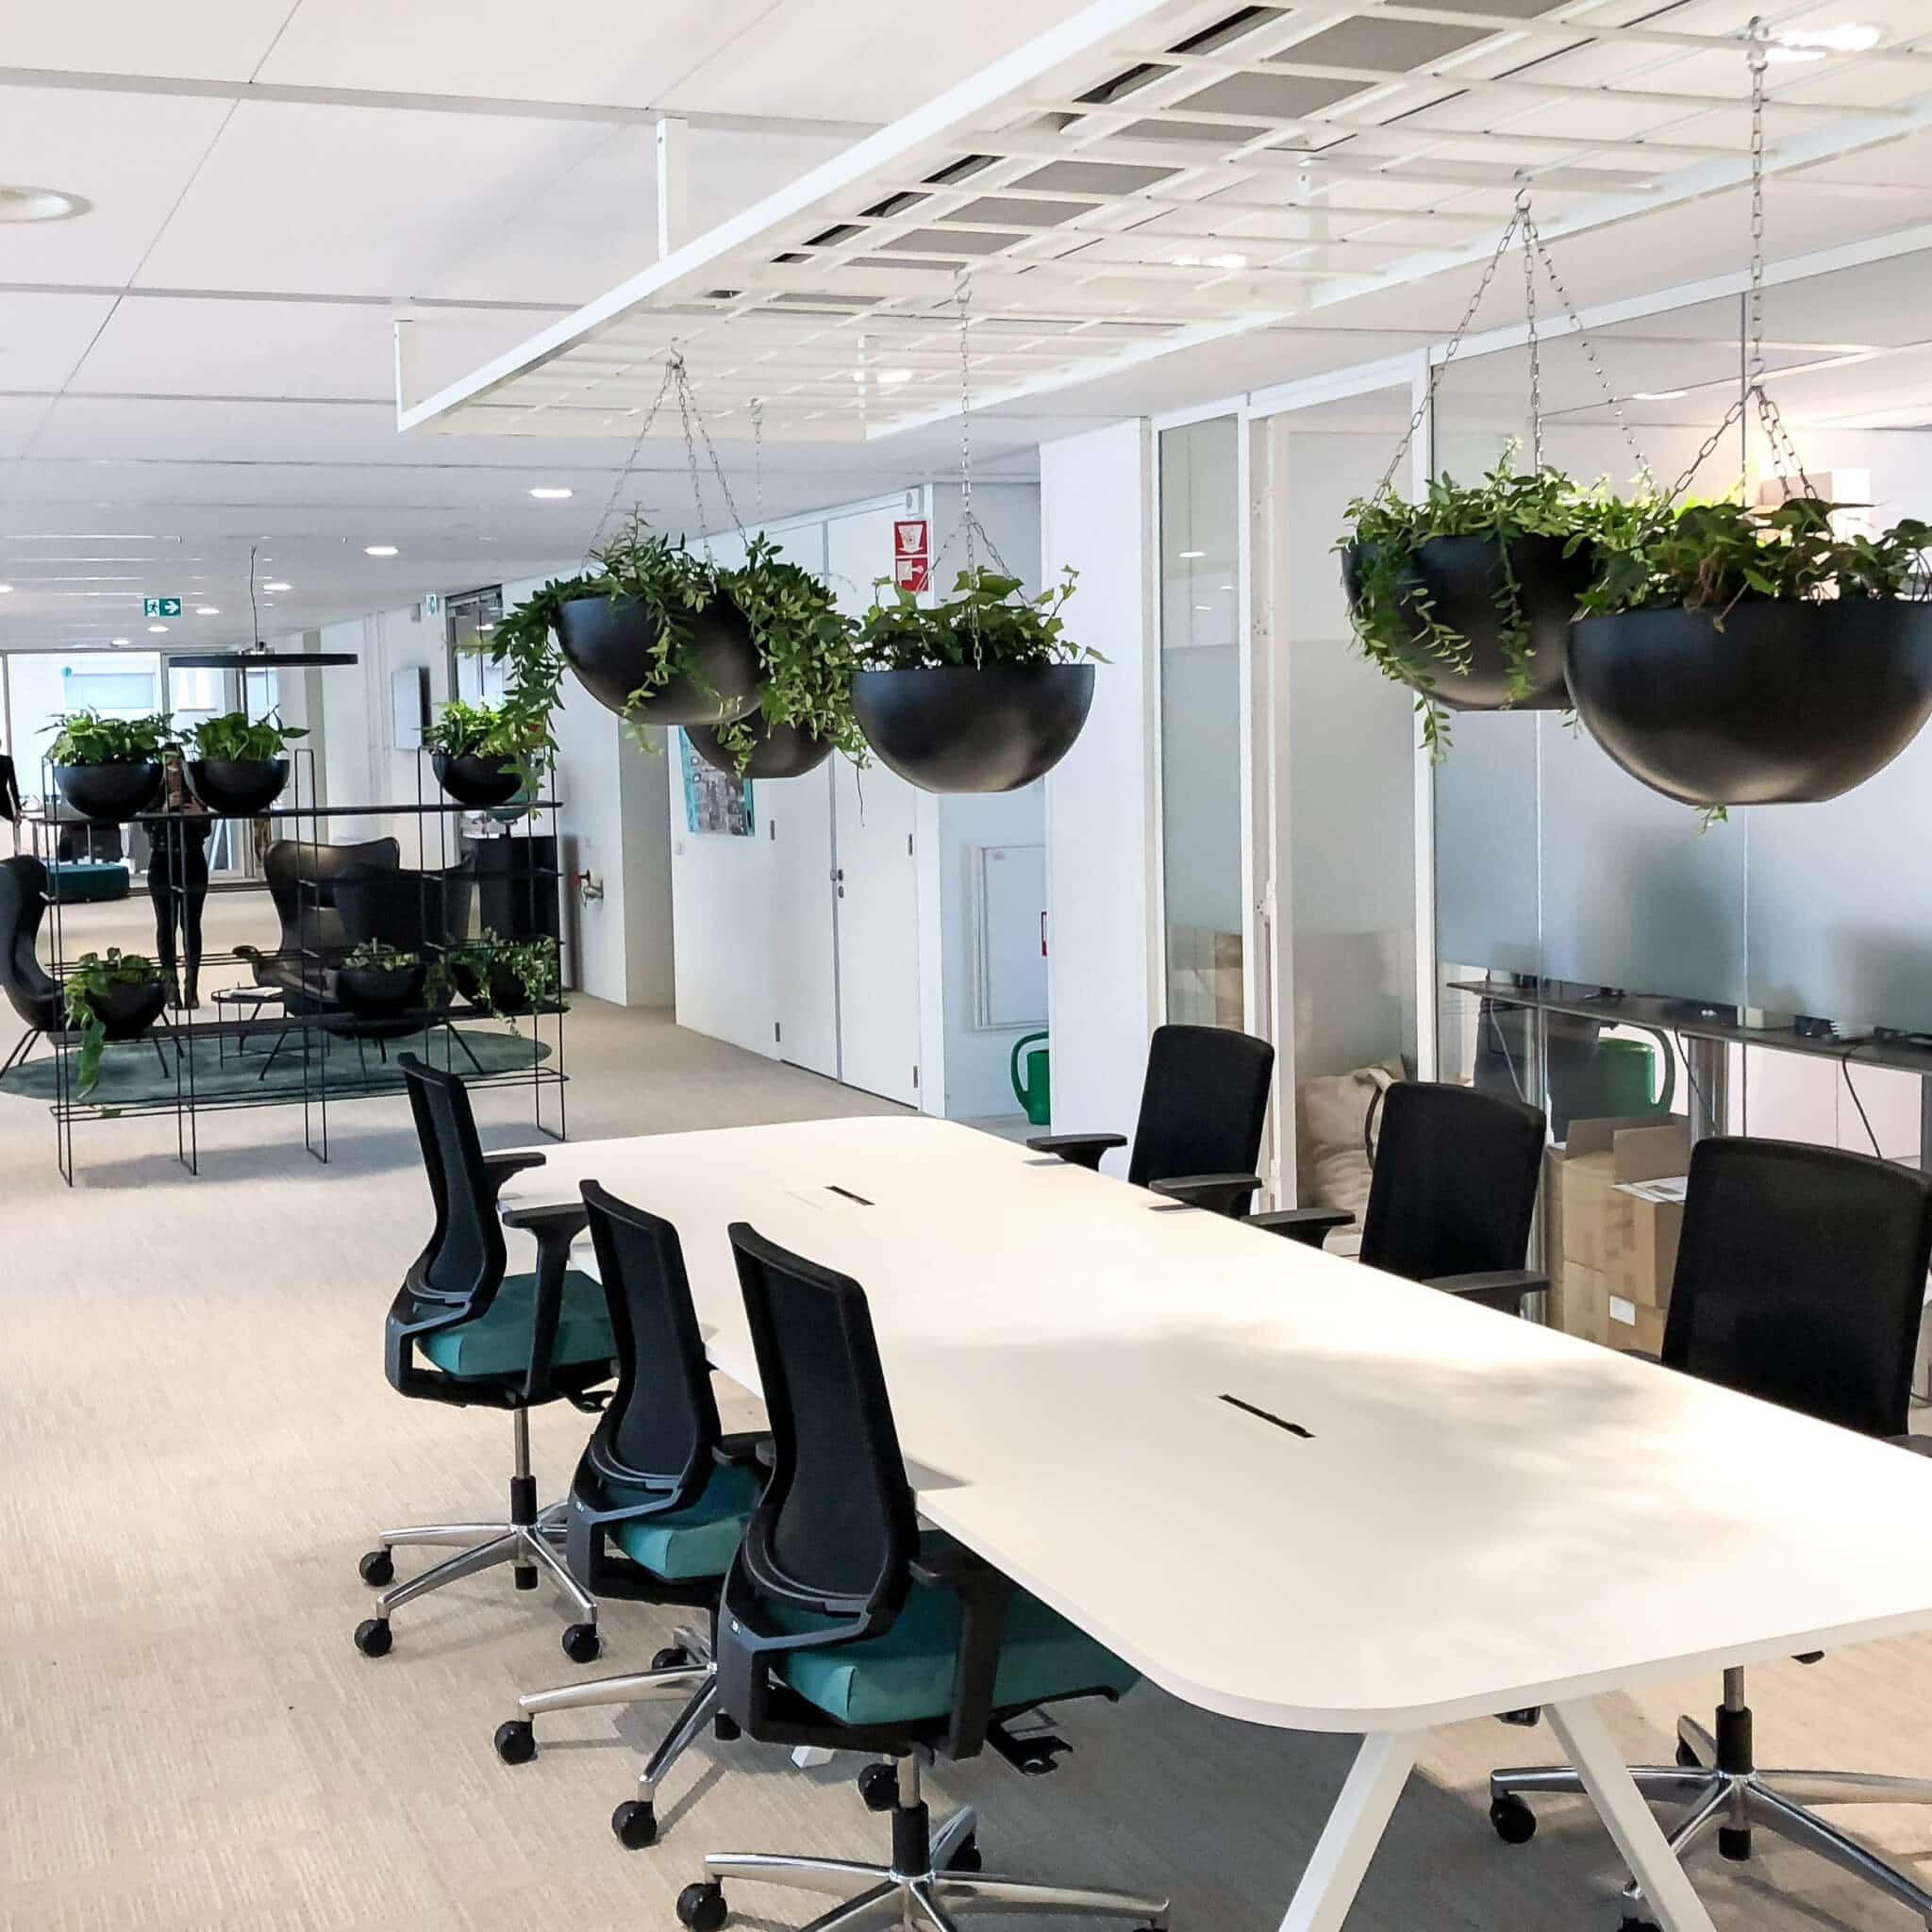 Zwarte hangbakken voor planten